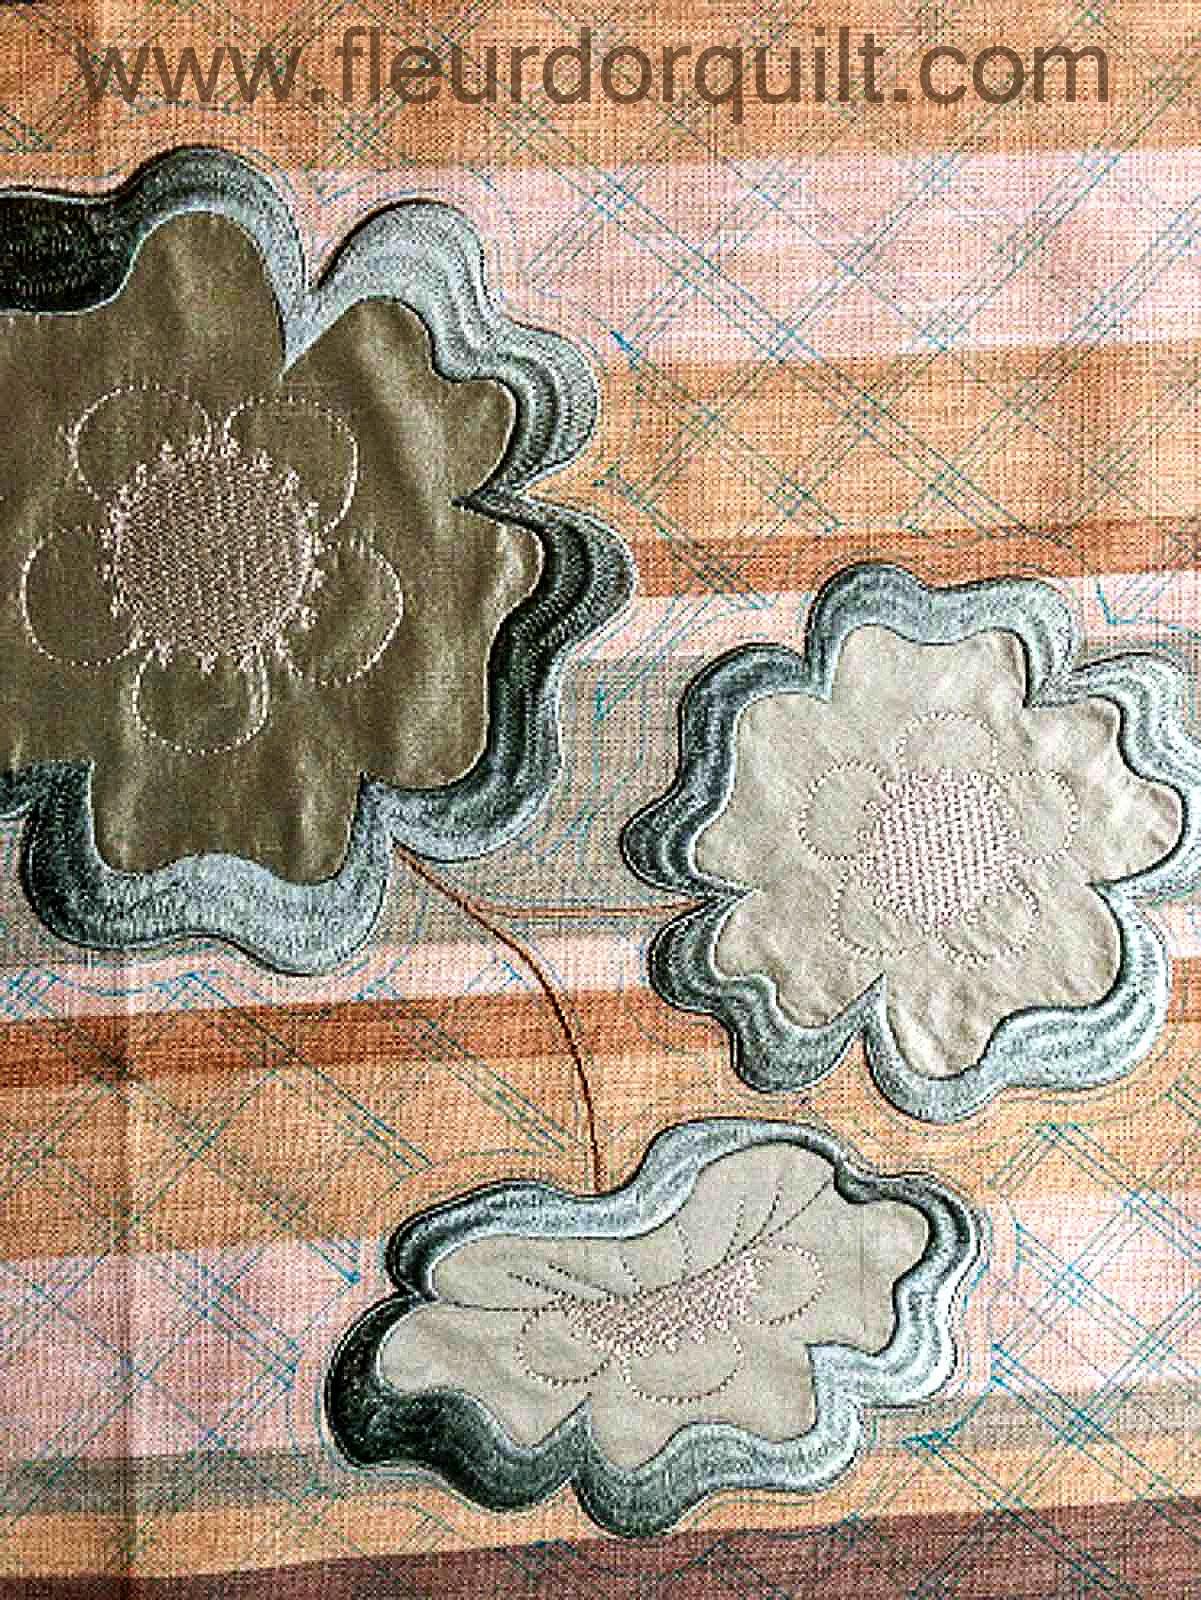 quilt, quilting, подушки своими руками,декоративные подушки,бесплатный мастер-класс, создаем подушку.